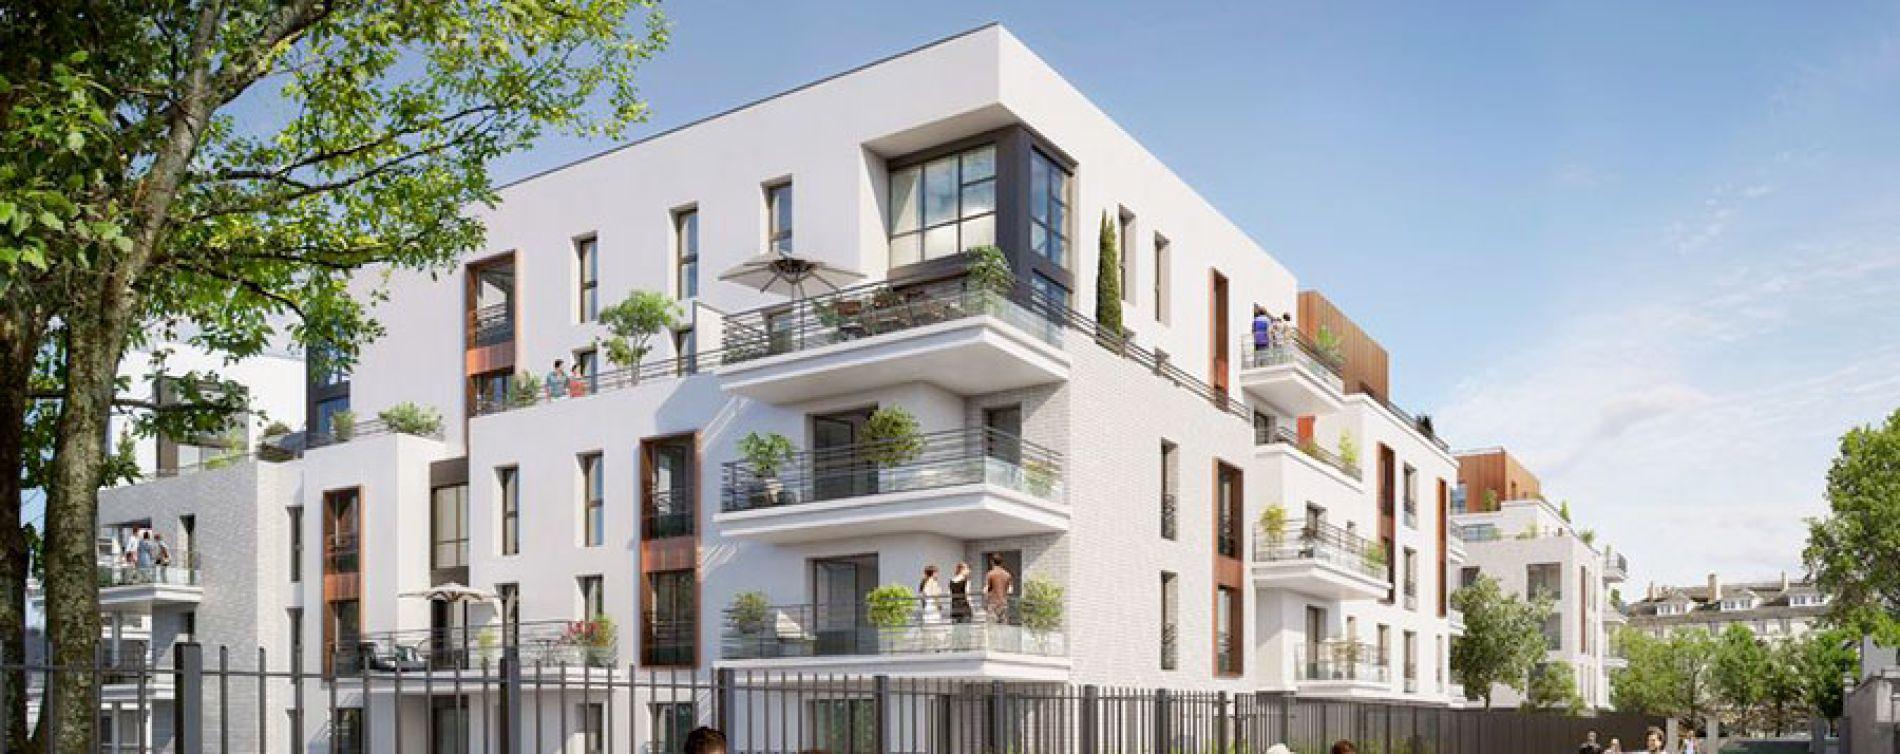 Rueil-Malmaison : programme immobilier neuve « Domaine Richelieu Tr2 »